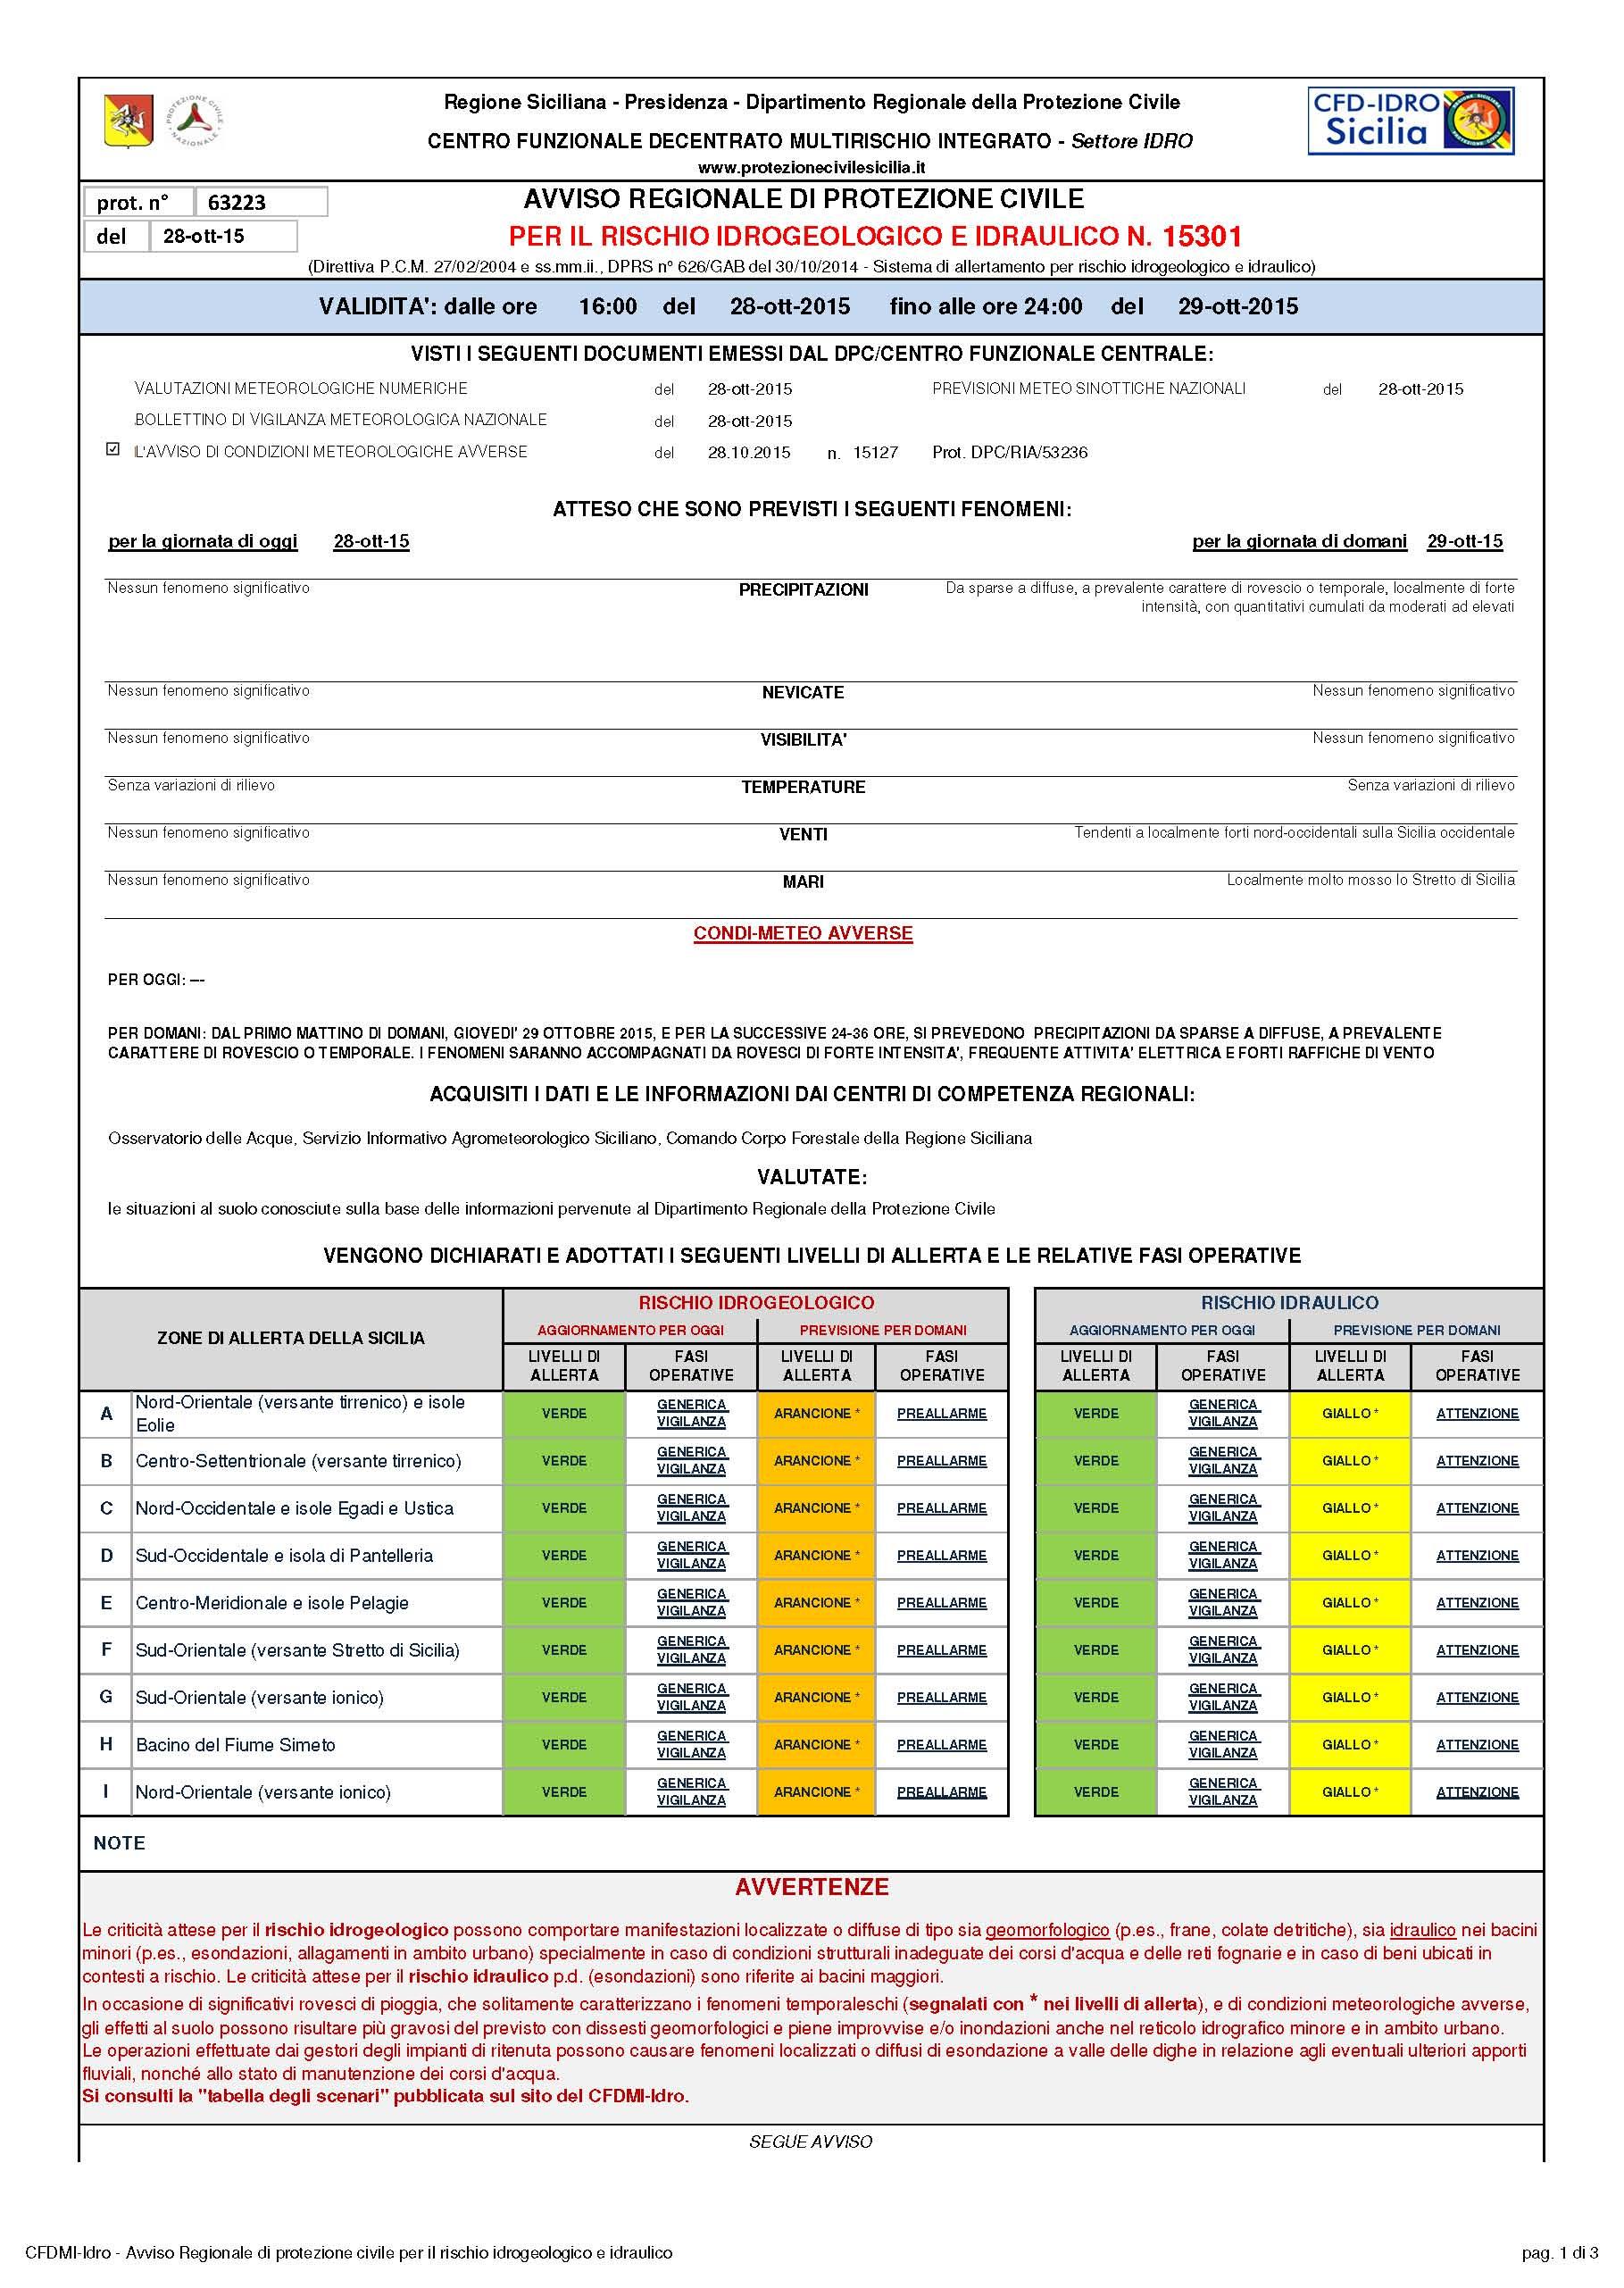 15301_AVVISO DRPC_2015_10_28_63223_Pagina_1 avviso protezione civile per 29.10.2015